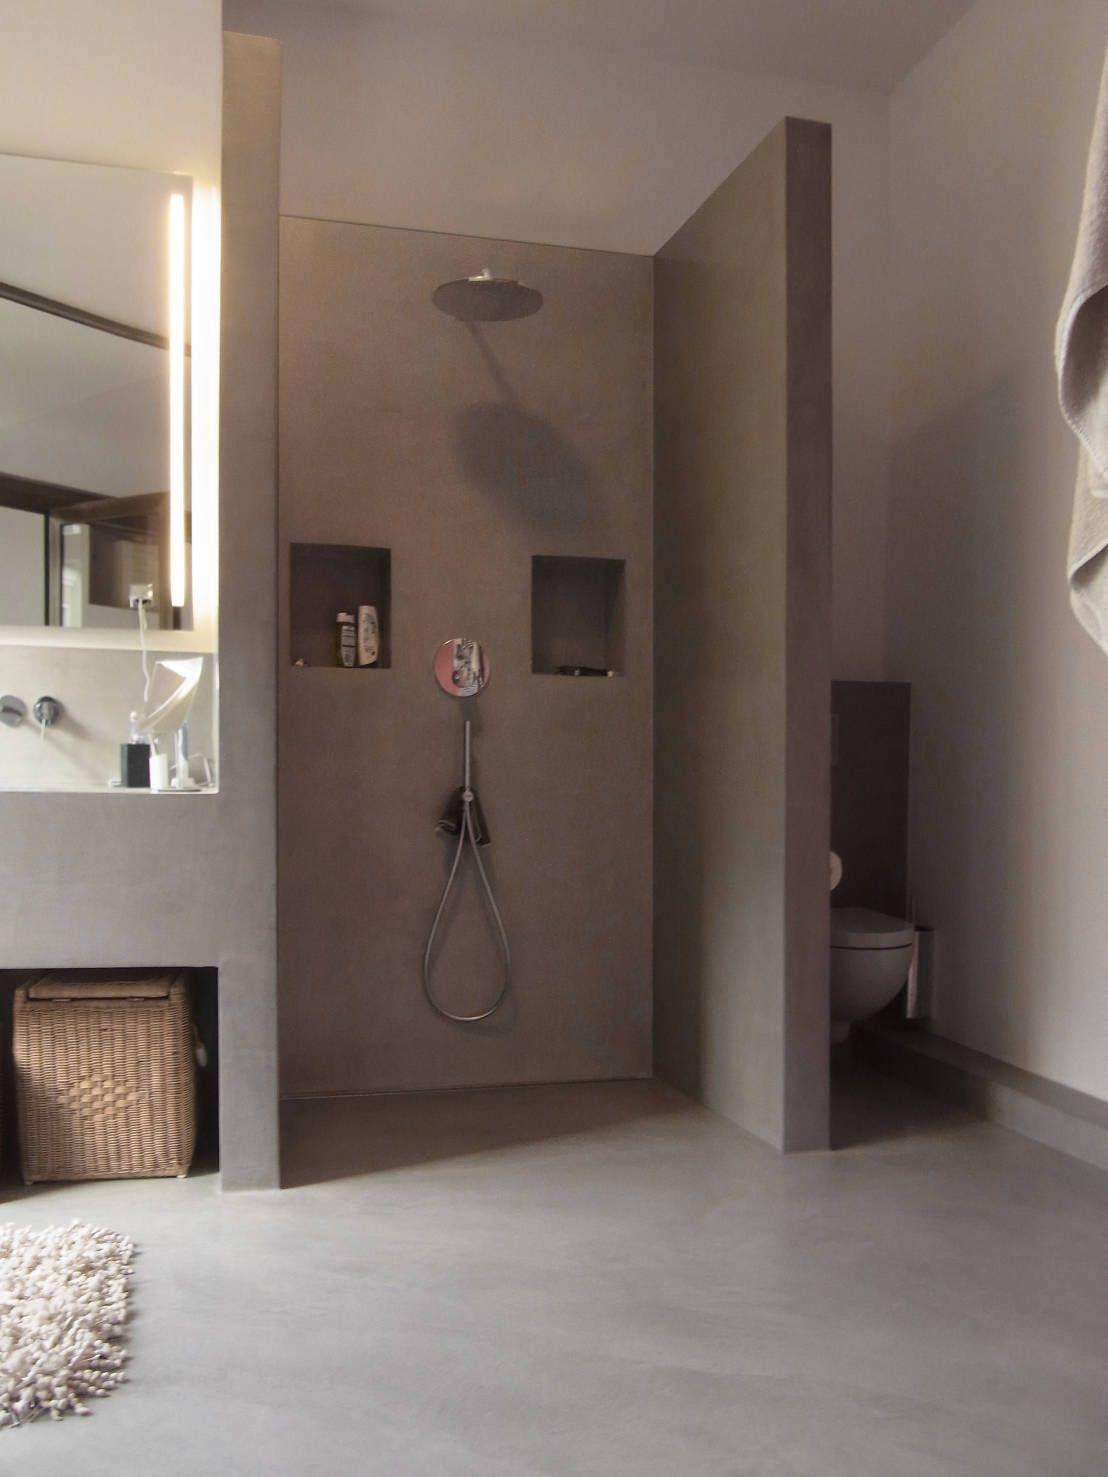 Moderne Badezimmer Ohne Wanne Badezimmer Offenes Badezimmer Badezimmer Waschbecken